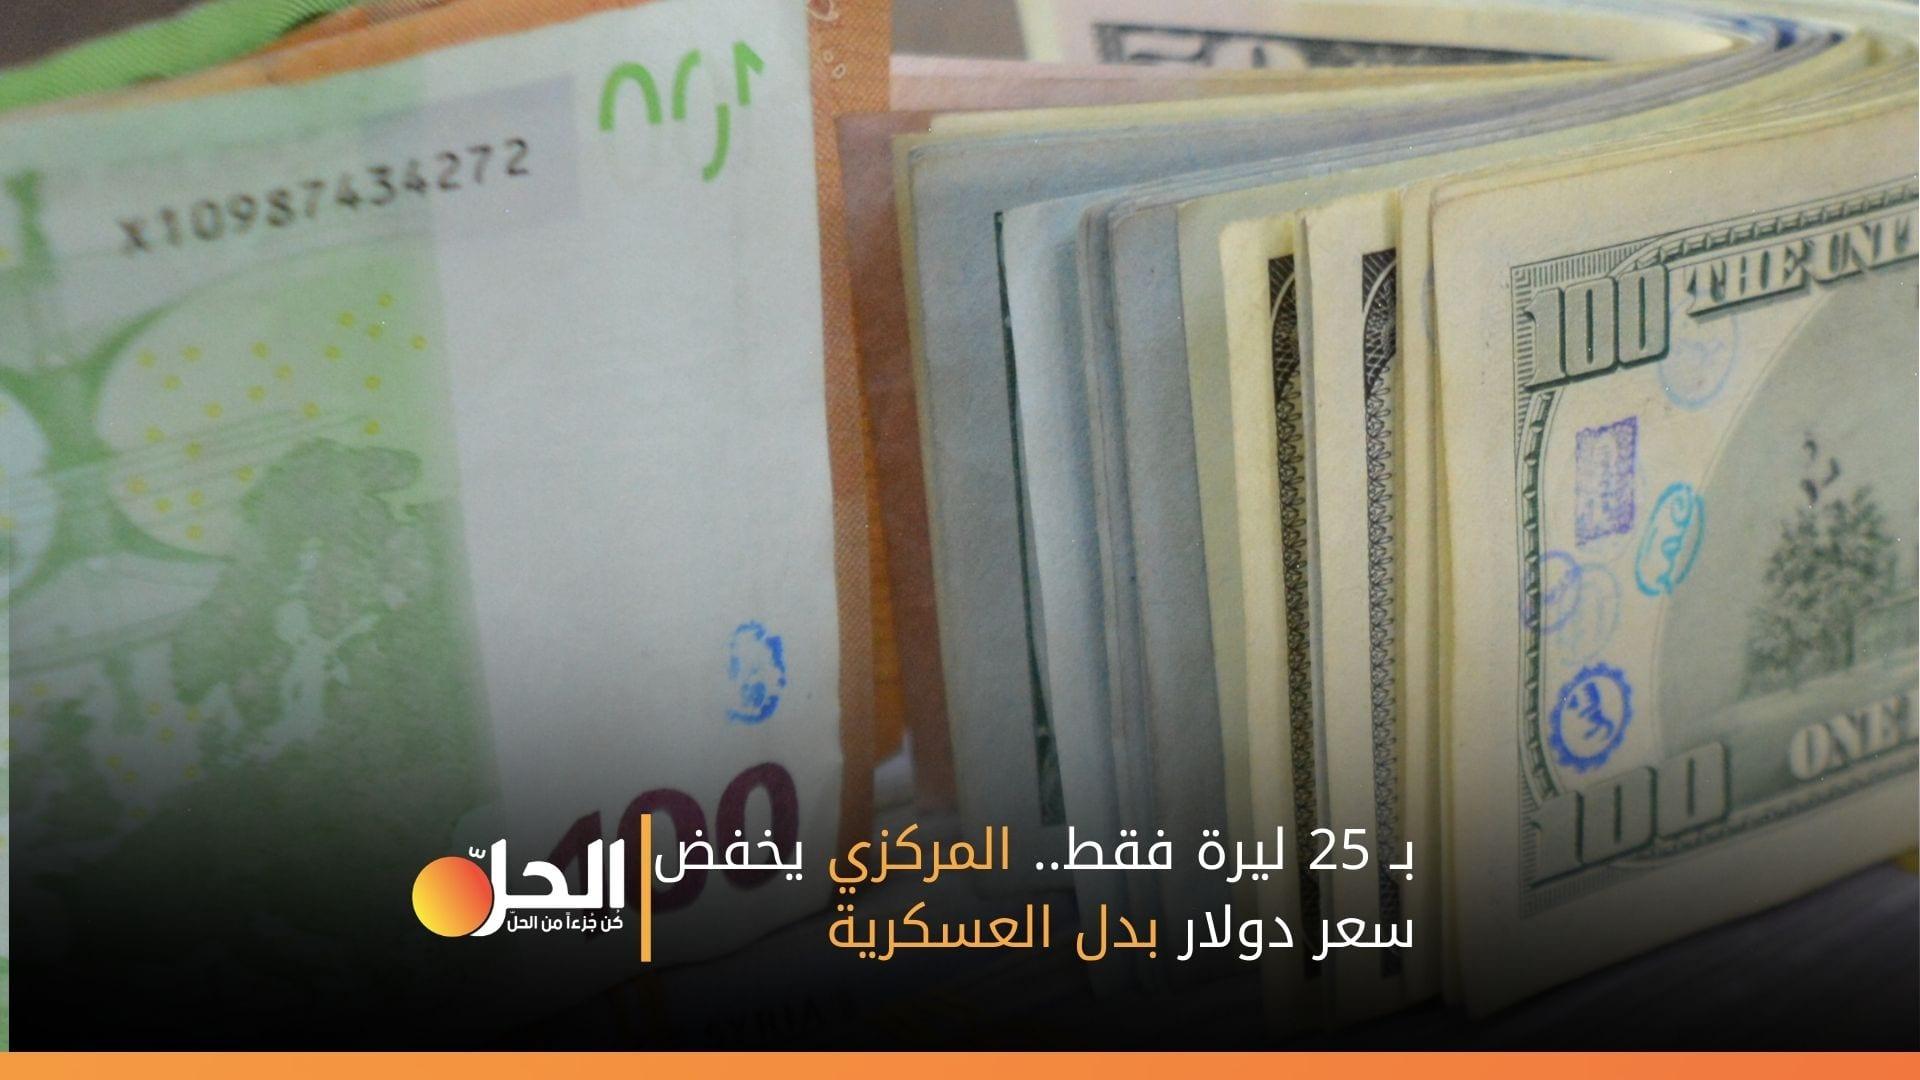 بـ 25 ليرة فقط.. المركزي يخفض سعر دولار بدل العسكرية!